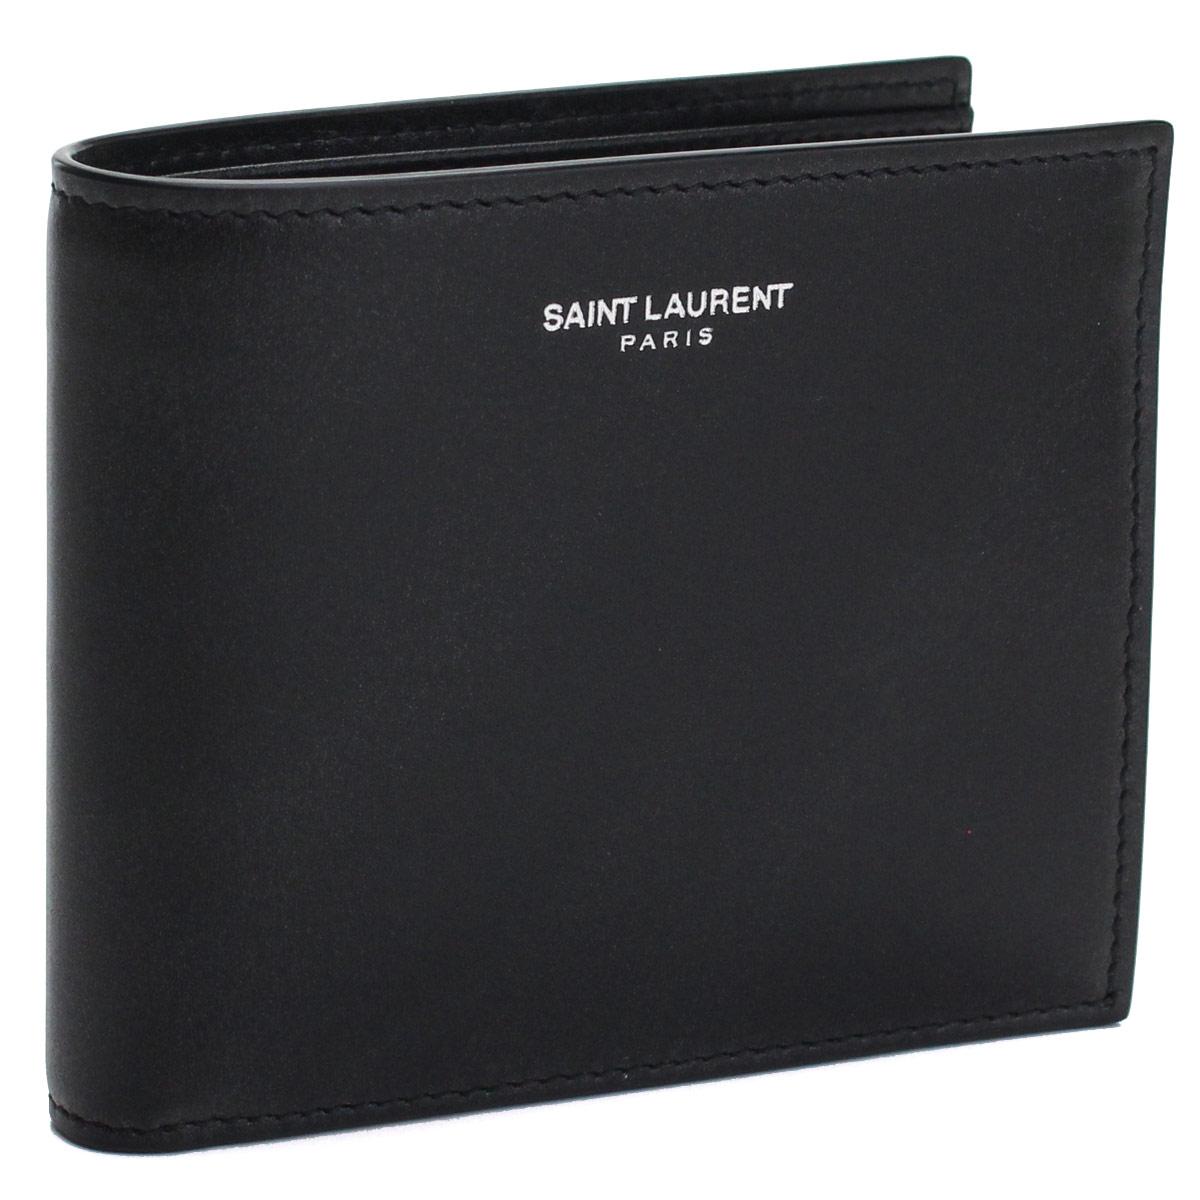 サンローラン SAINT LAURENT コンパクト財布 2つ折り財布 396303 0U90N 1000 ブラック メンズ gsm-2【キャッシュレス 5% 還元】